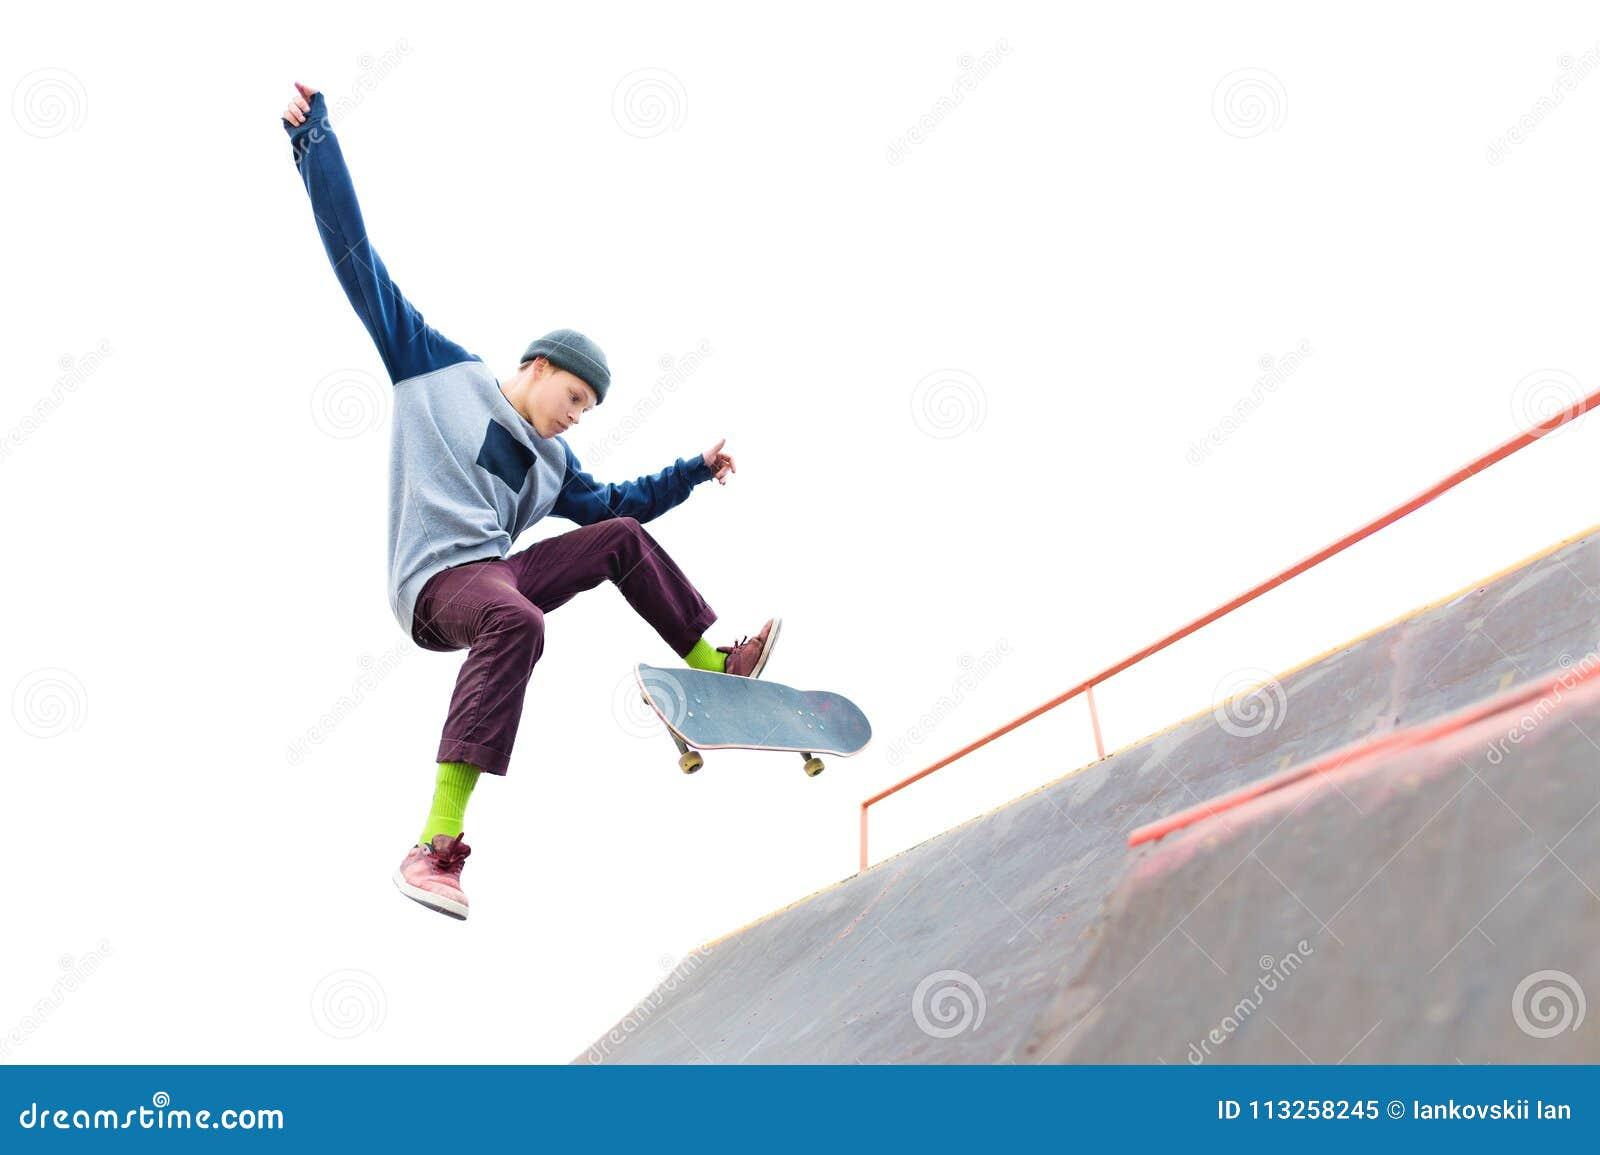 De tiener skateboarder in GLB doet een truc met een sprong op de helling in skatepark Geïsoleerde schaatser en helling